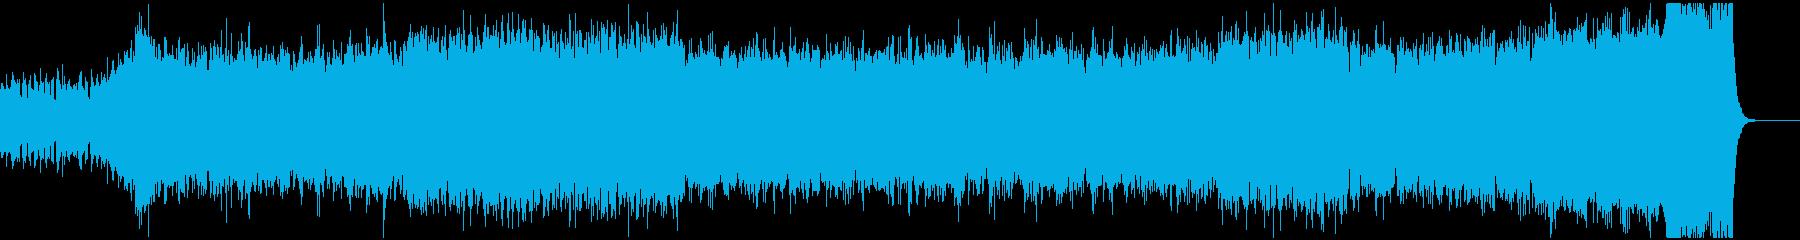 オーケストラによる重厚なBGMの再生済みの波形